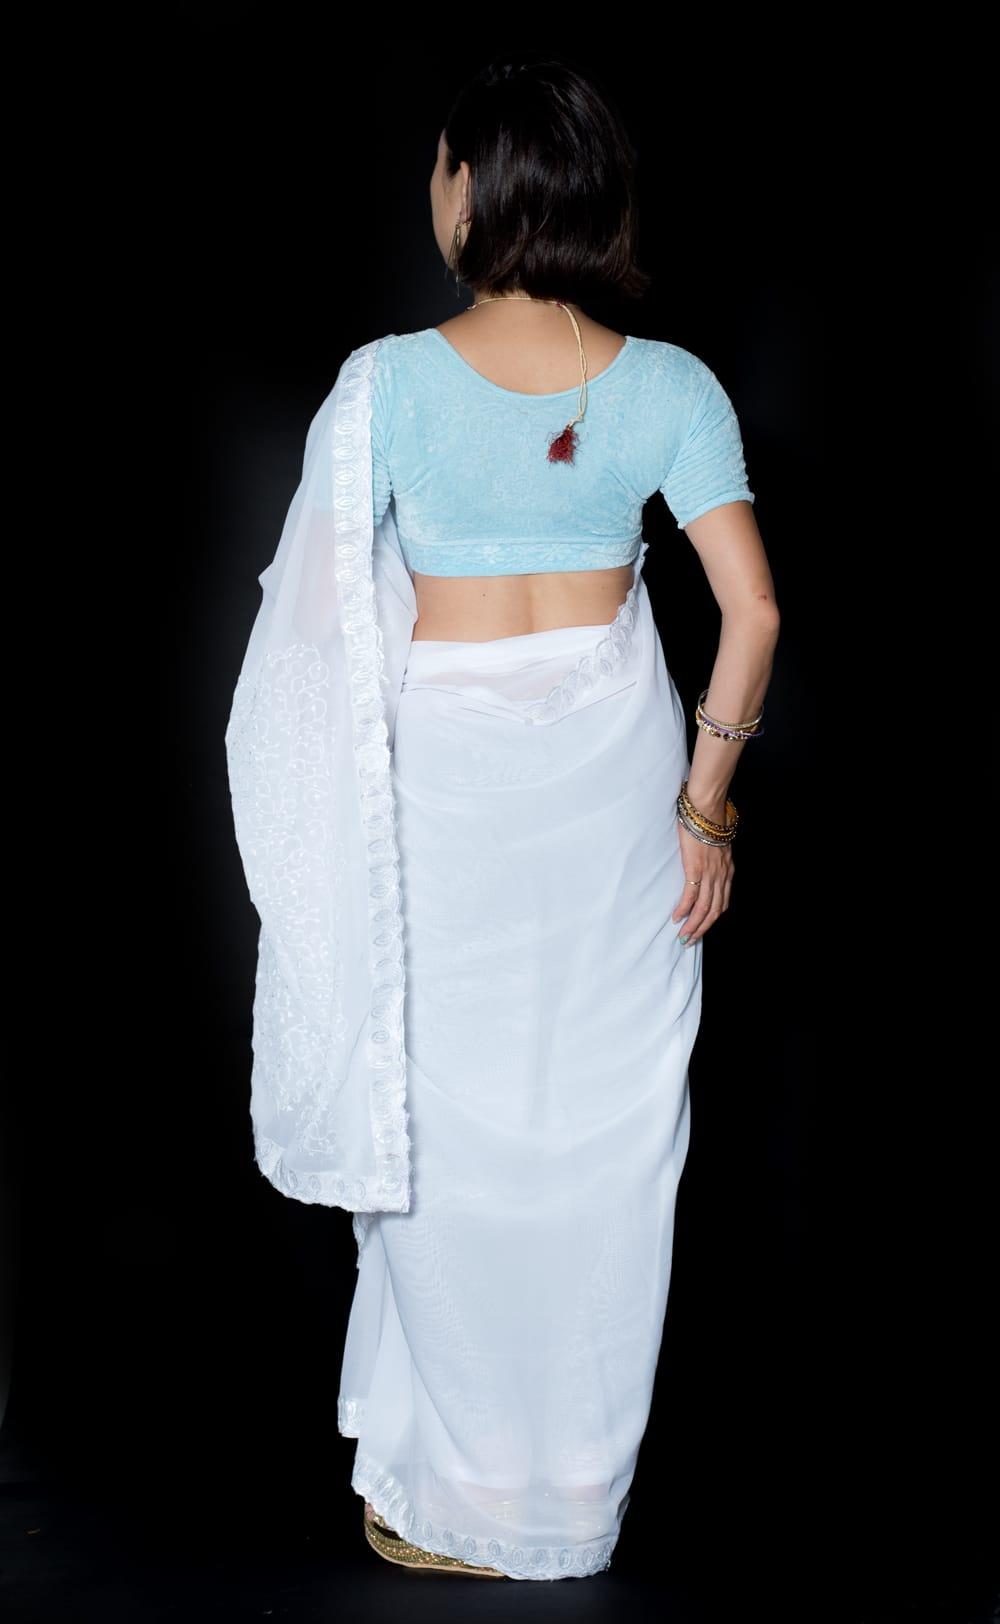 インドのホワイトサリー【更紗刺繍】 3 - 後ろからになります